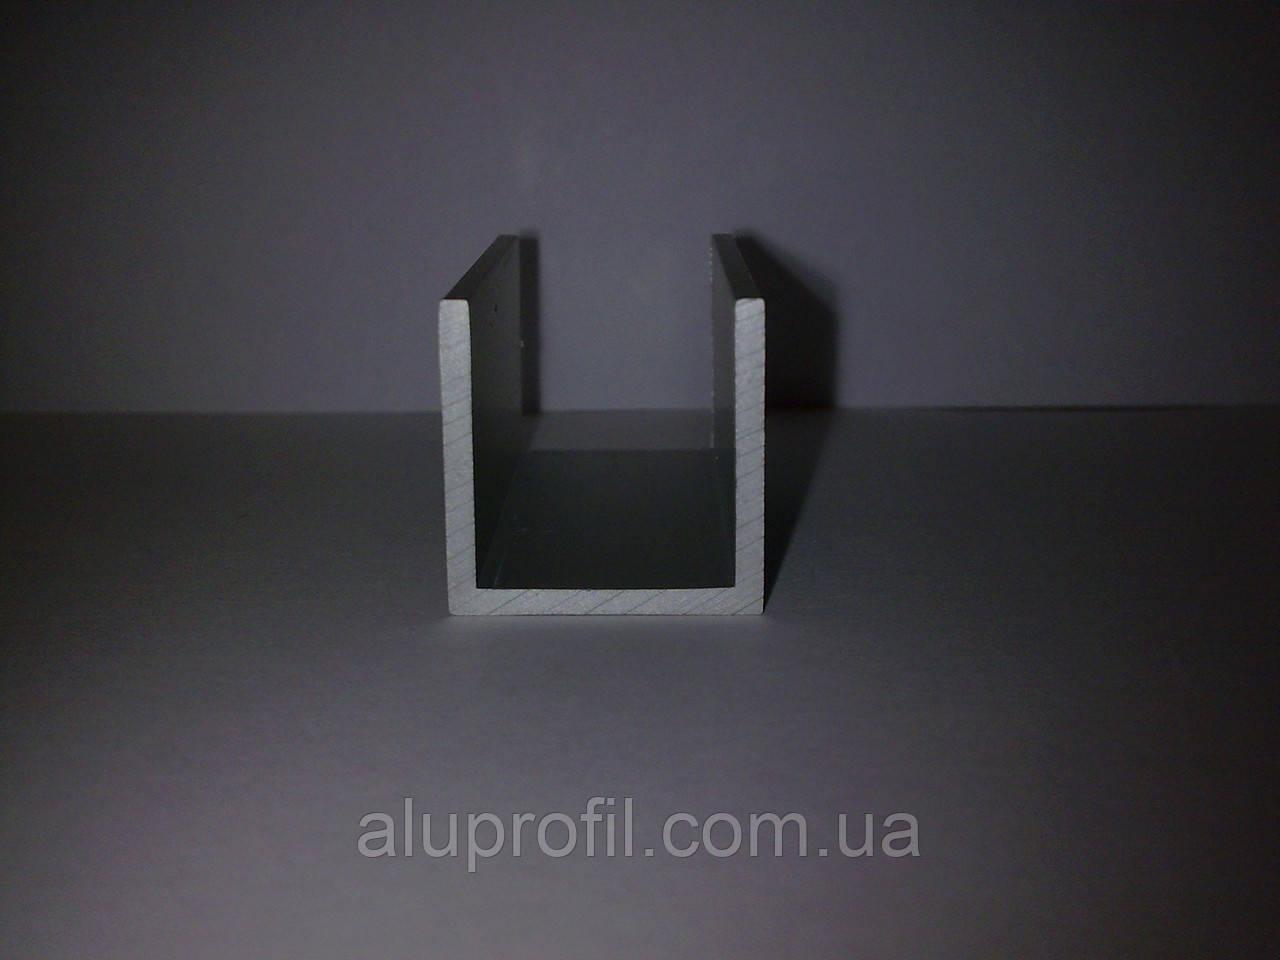 Алюминиевый профиль — швеллер размером 25х25х2